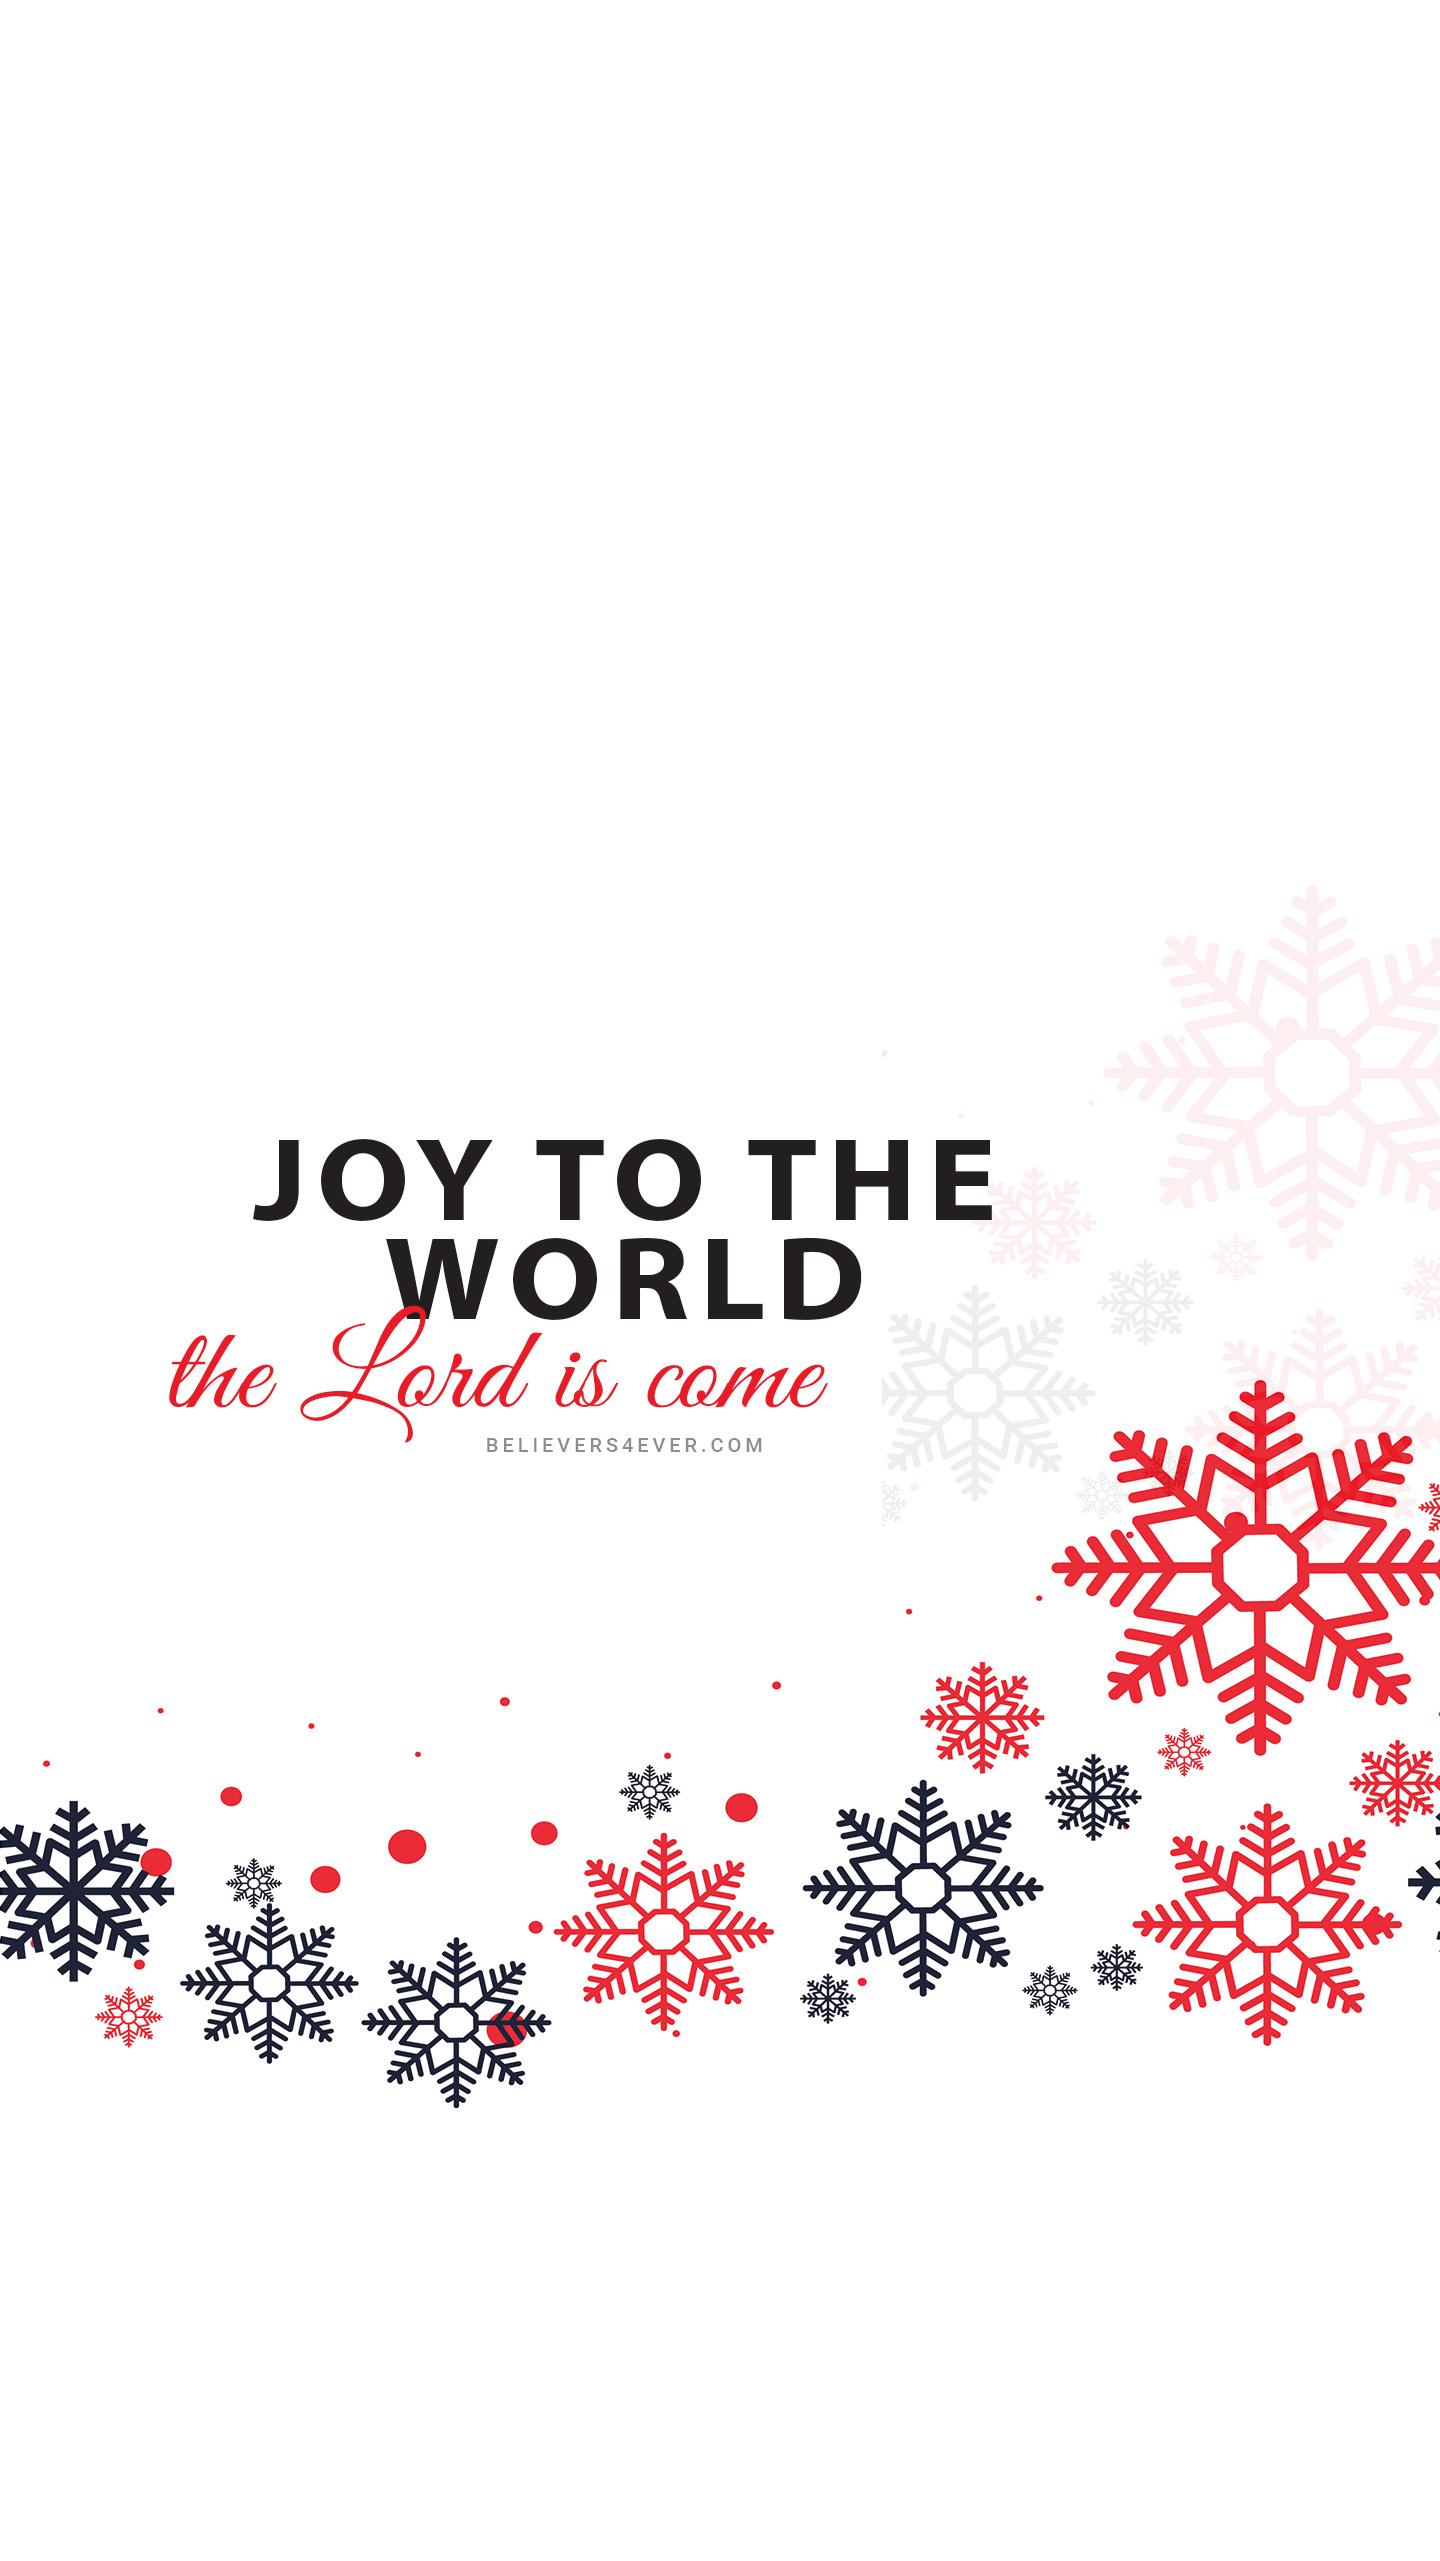 Joy to the world Christmas mobile